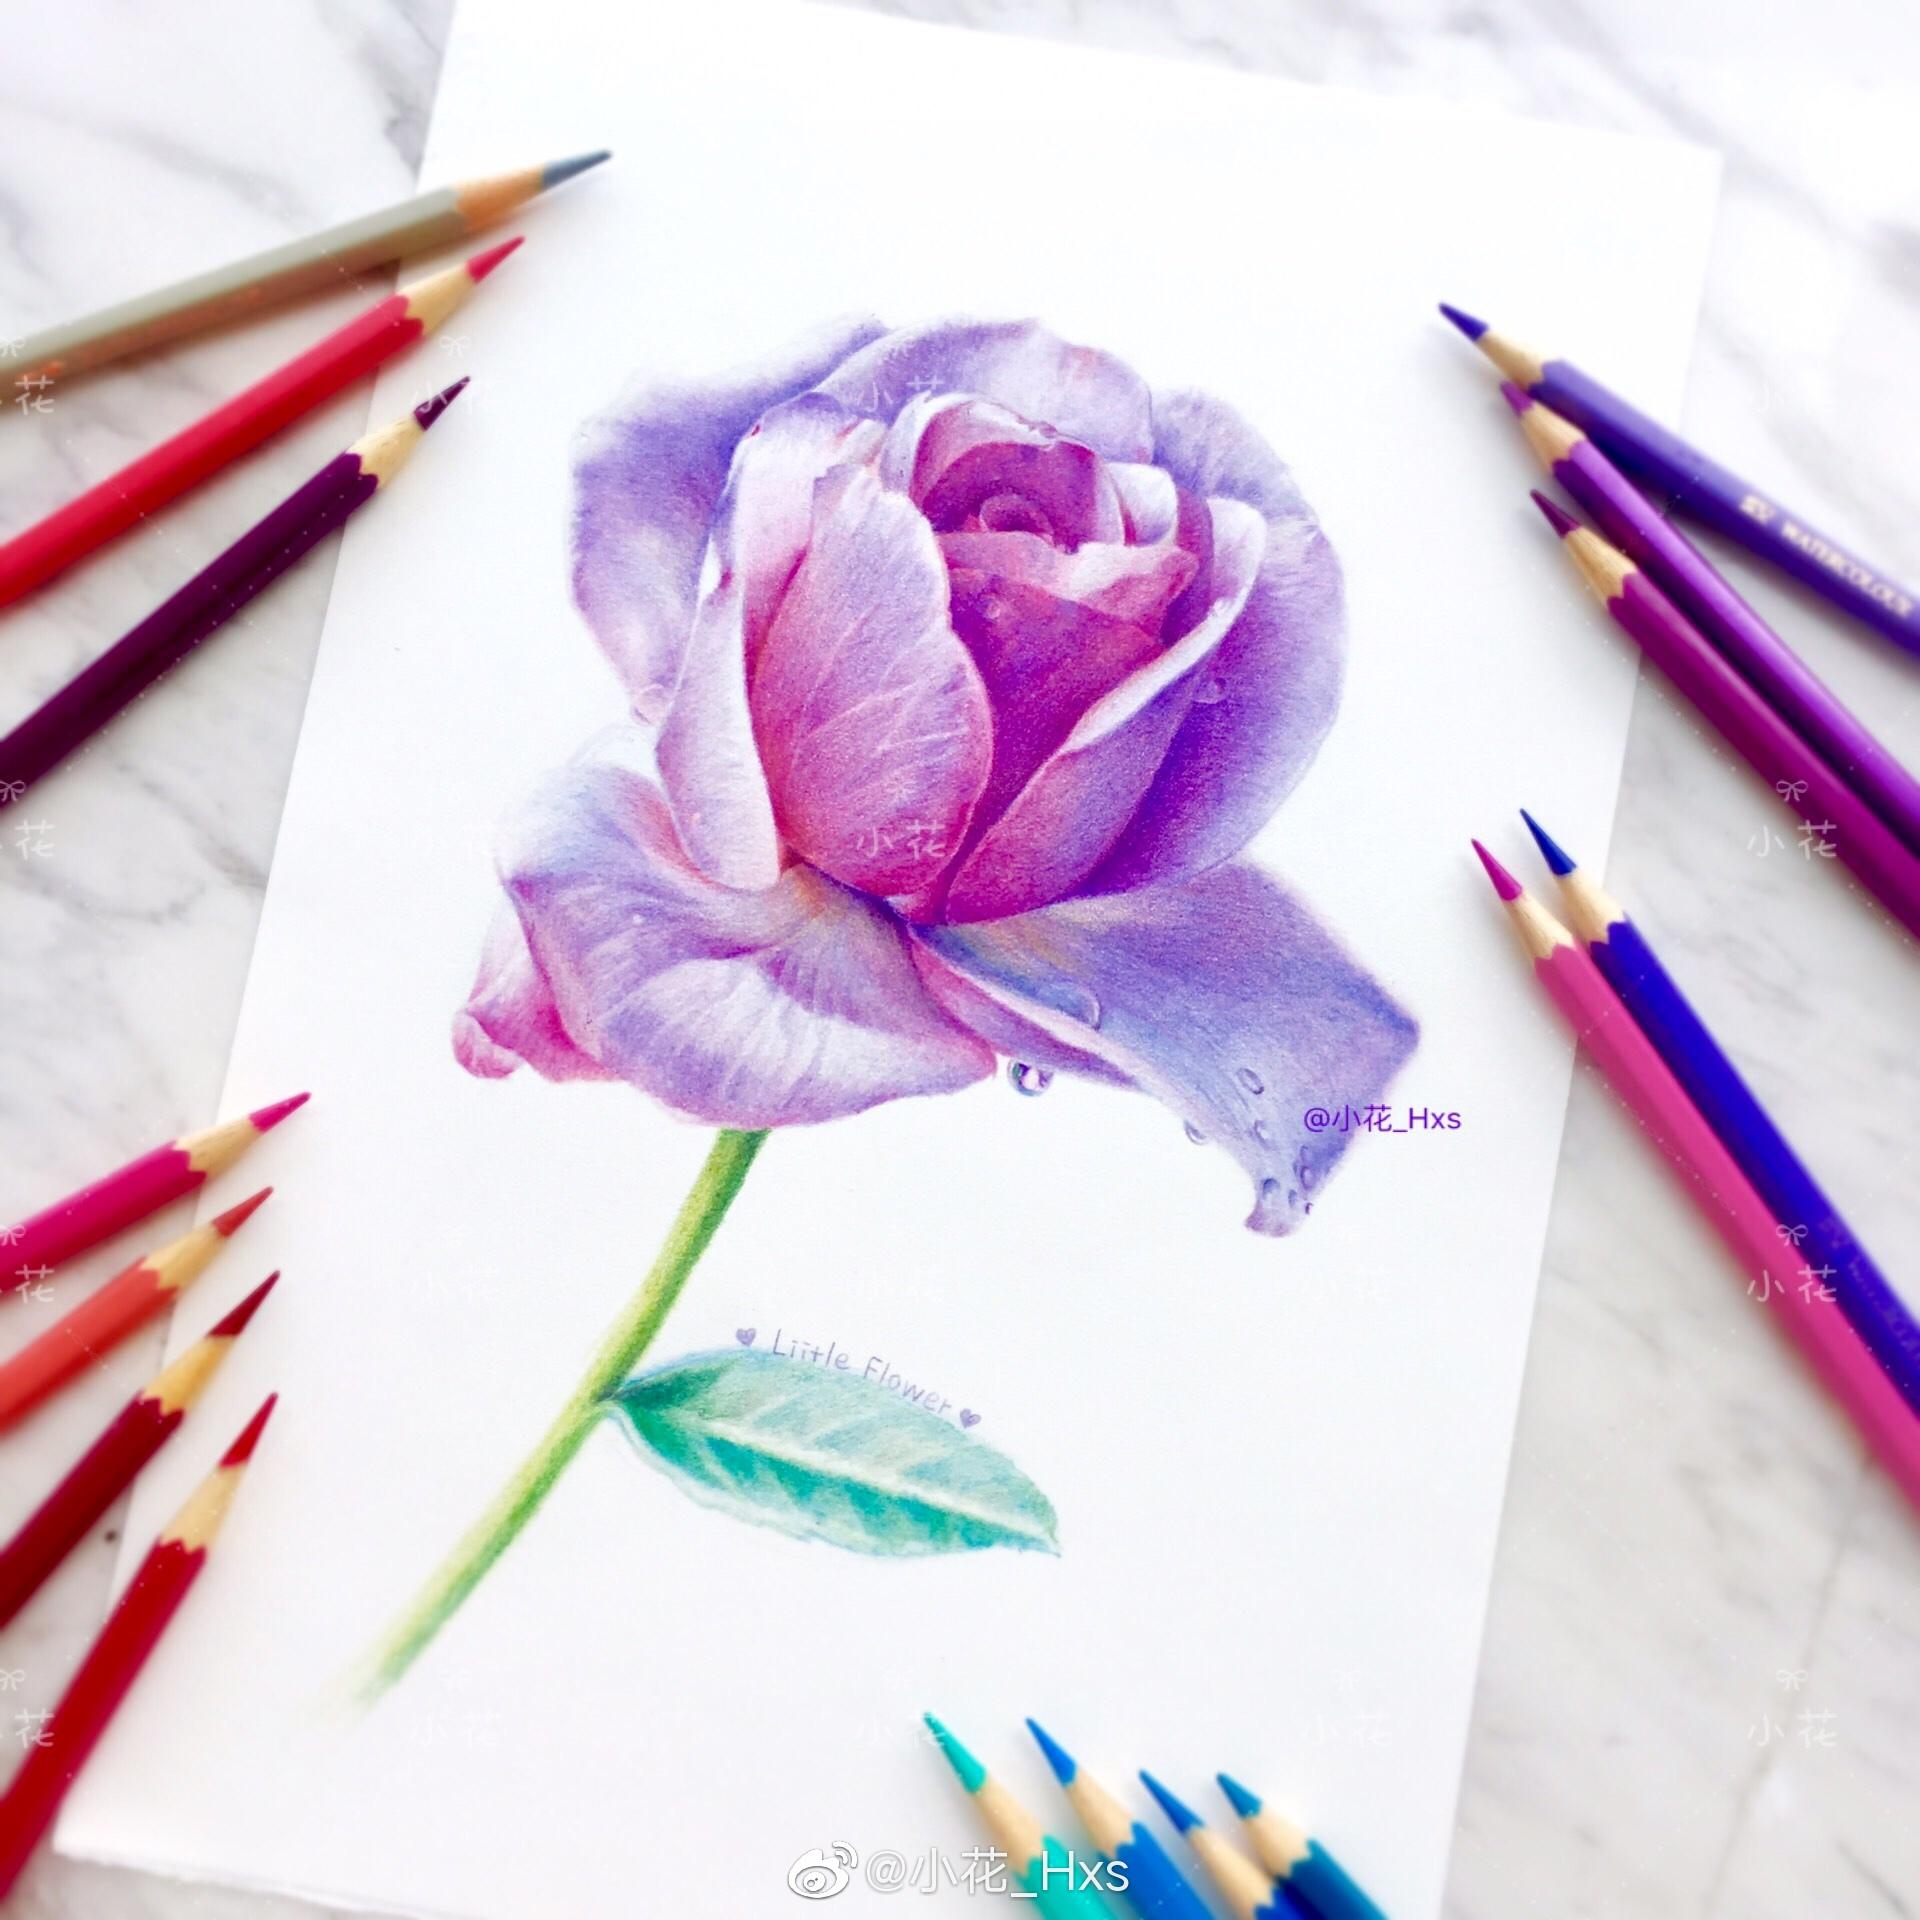 作者:@小花_Hxs梦幻紫玫瑰红辉水溶72色获多福细纹